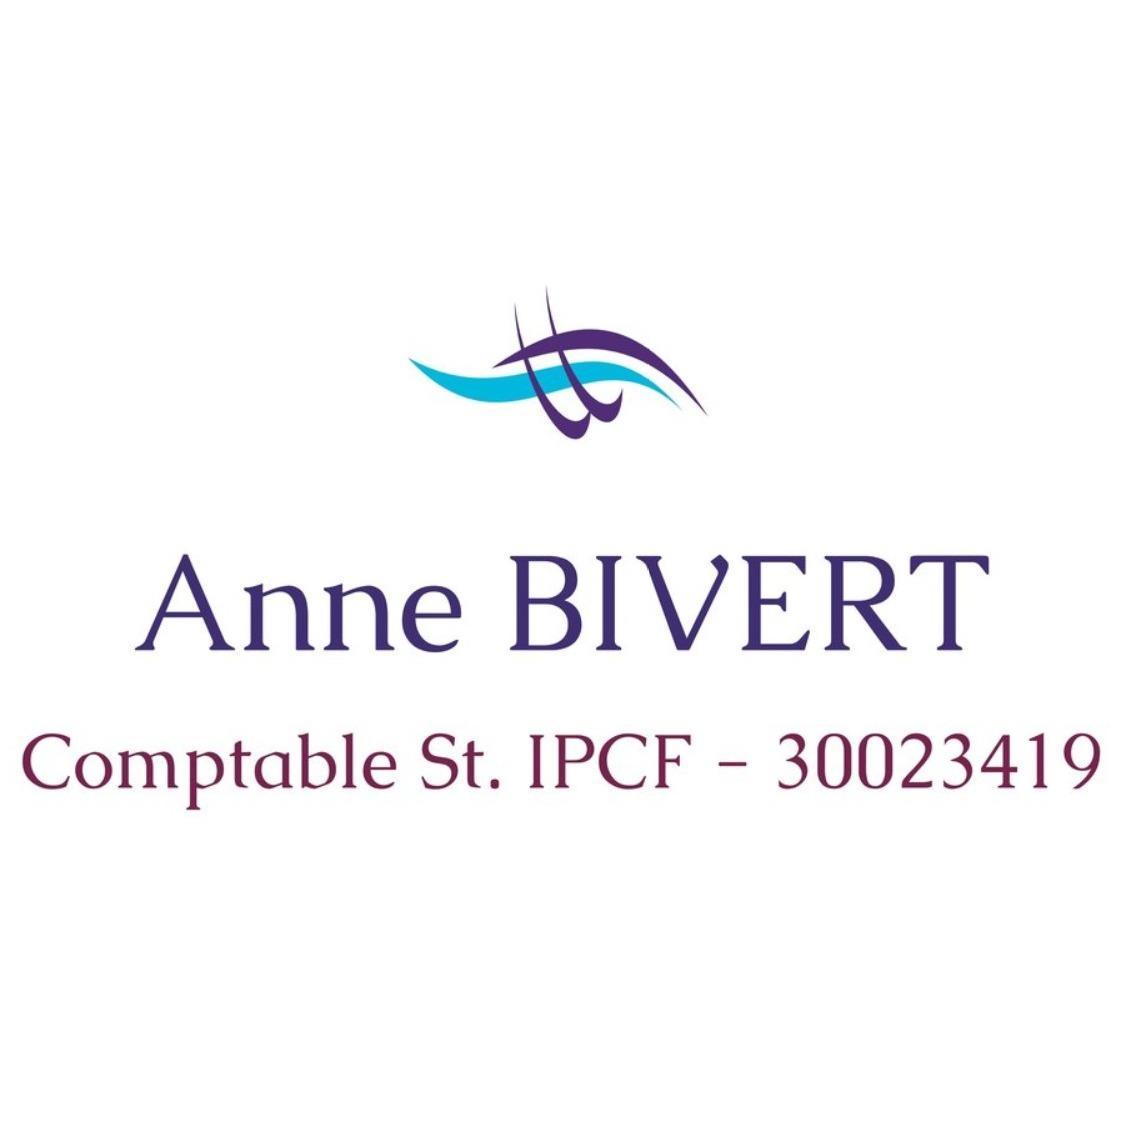 Bivert Anne